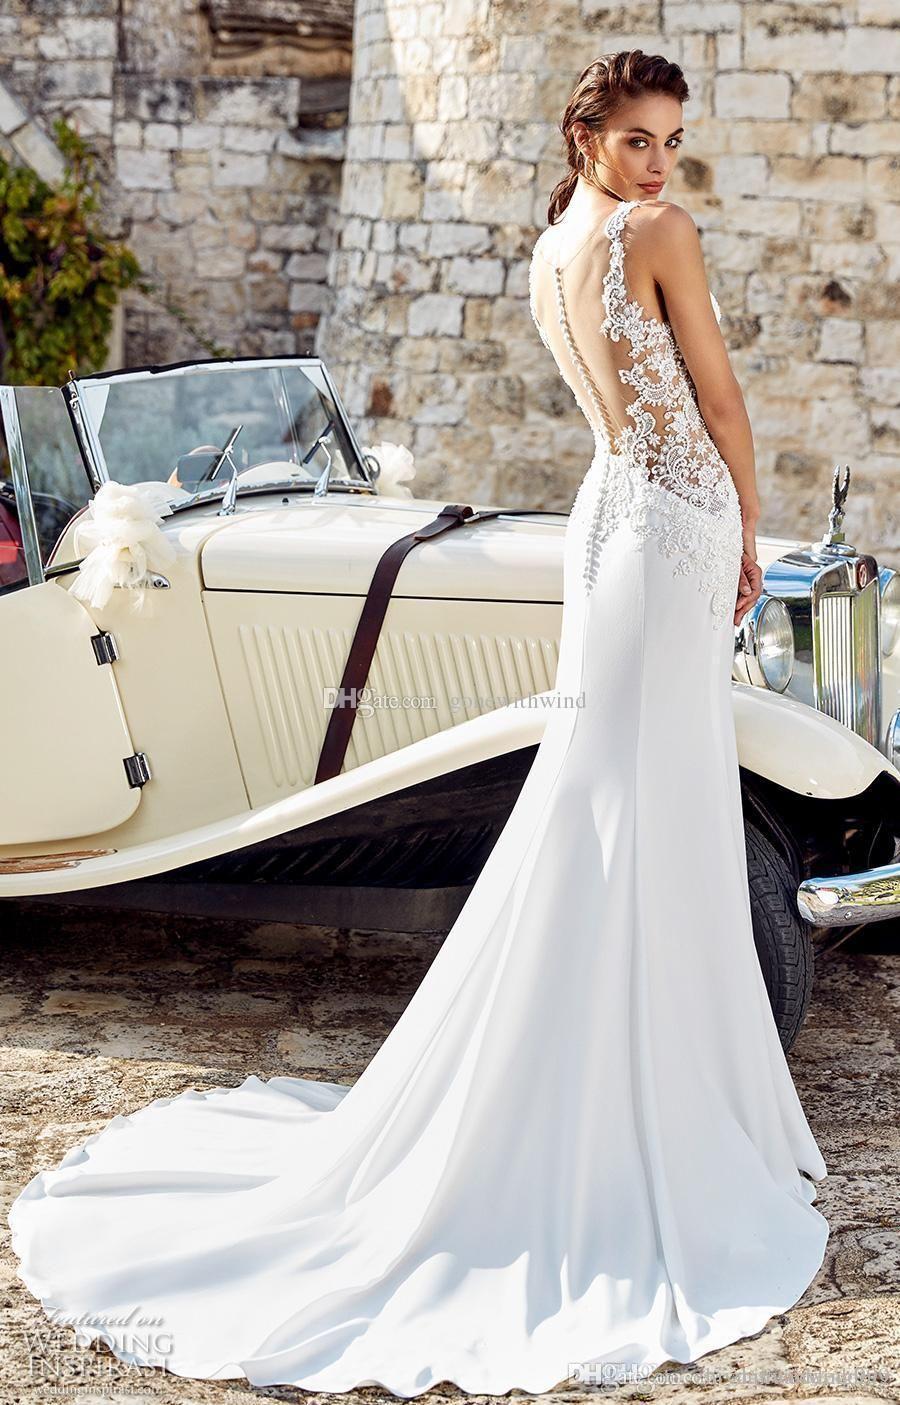 Großzügig Hochzeitskleid Für Körper Typ Bilder - Brautkleider Ideen ...